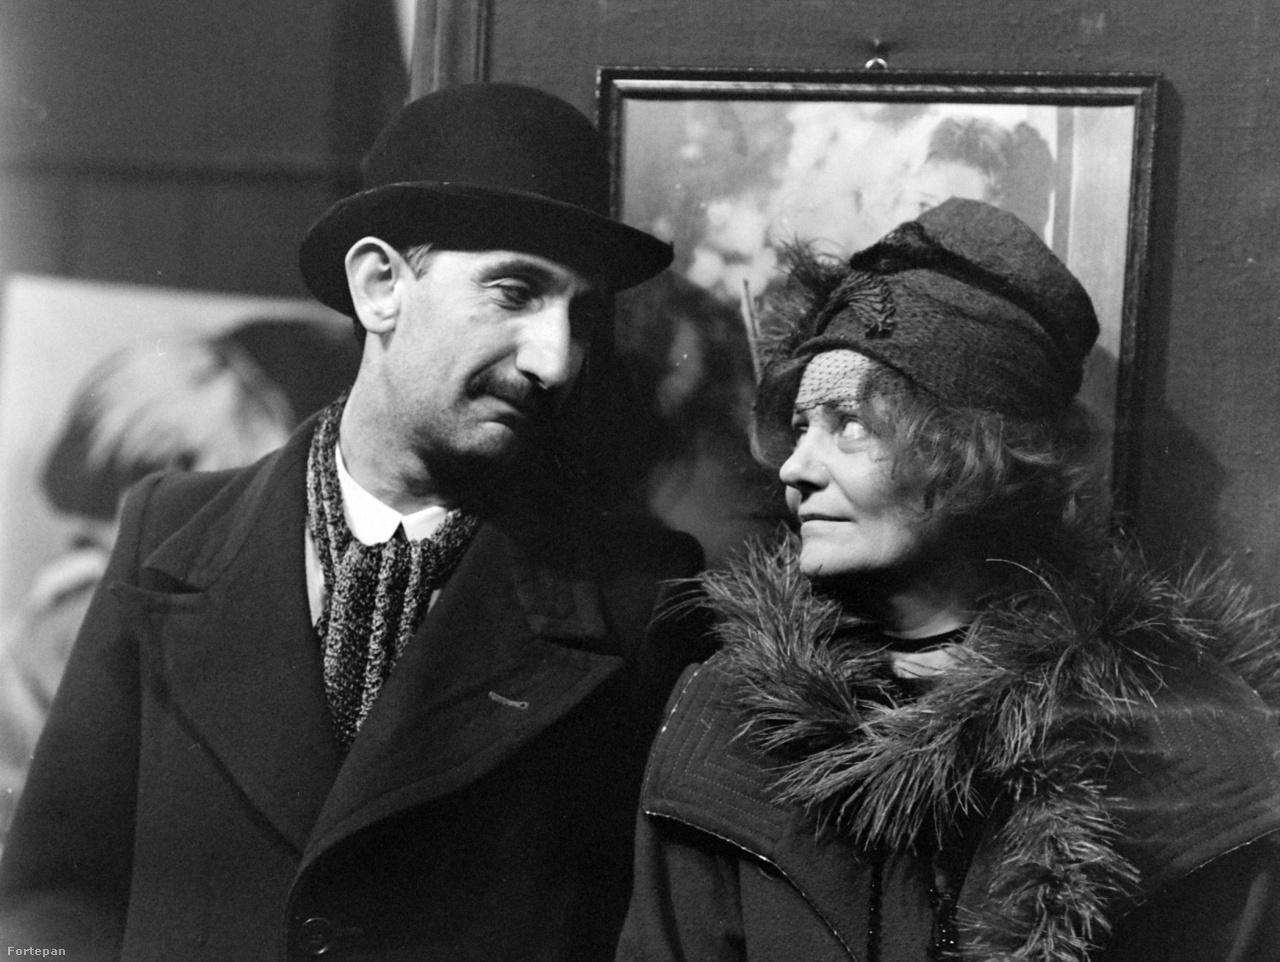 """Az azóta már nem is létező, Szigony utcai Otthon mozi előterében készült a jelenet Temessy Hédivel, Minarik mindenkitől pénzt próbál szerezni, a mozistól is, őt keresi, amikor a nővel találkozik. Jávor István a mai napig emlékszik a dialógra. """"Lilian Gishről beszélgetnek, hogy az egy bőgőmasina volt."""""""